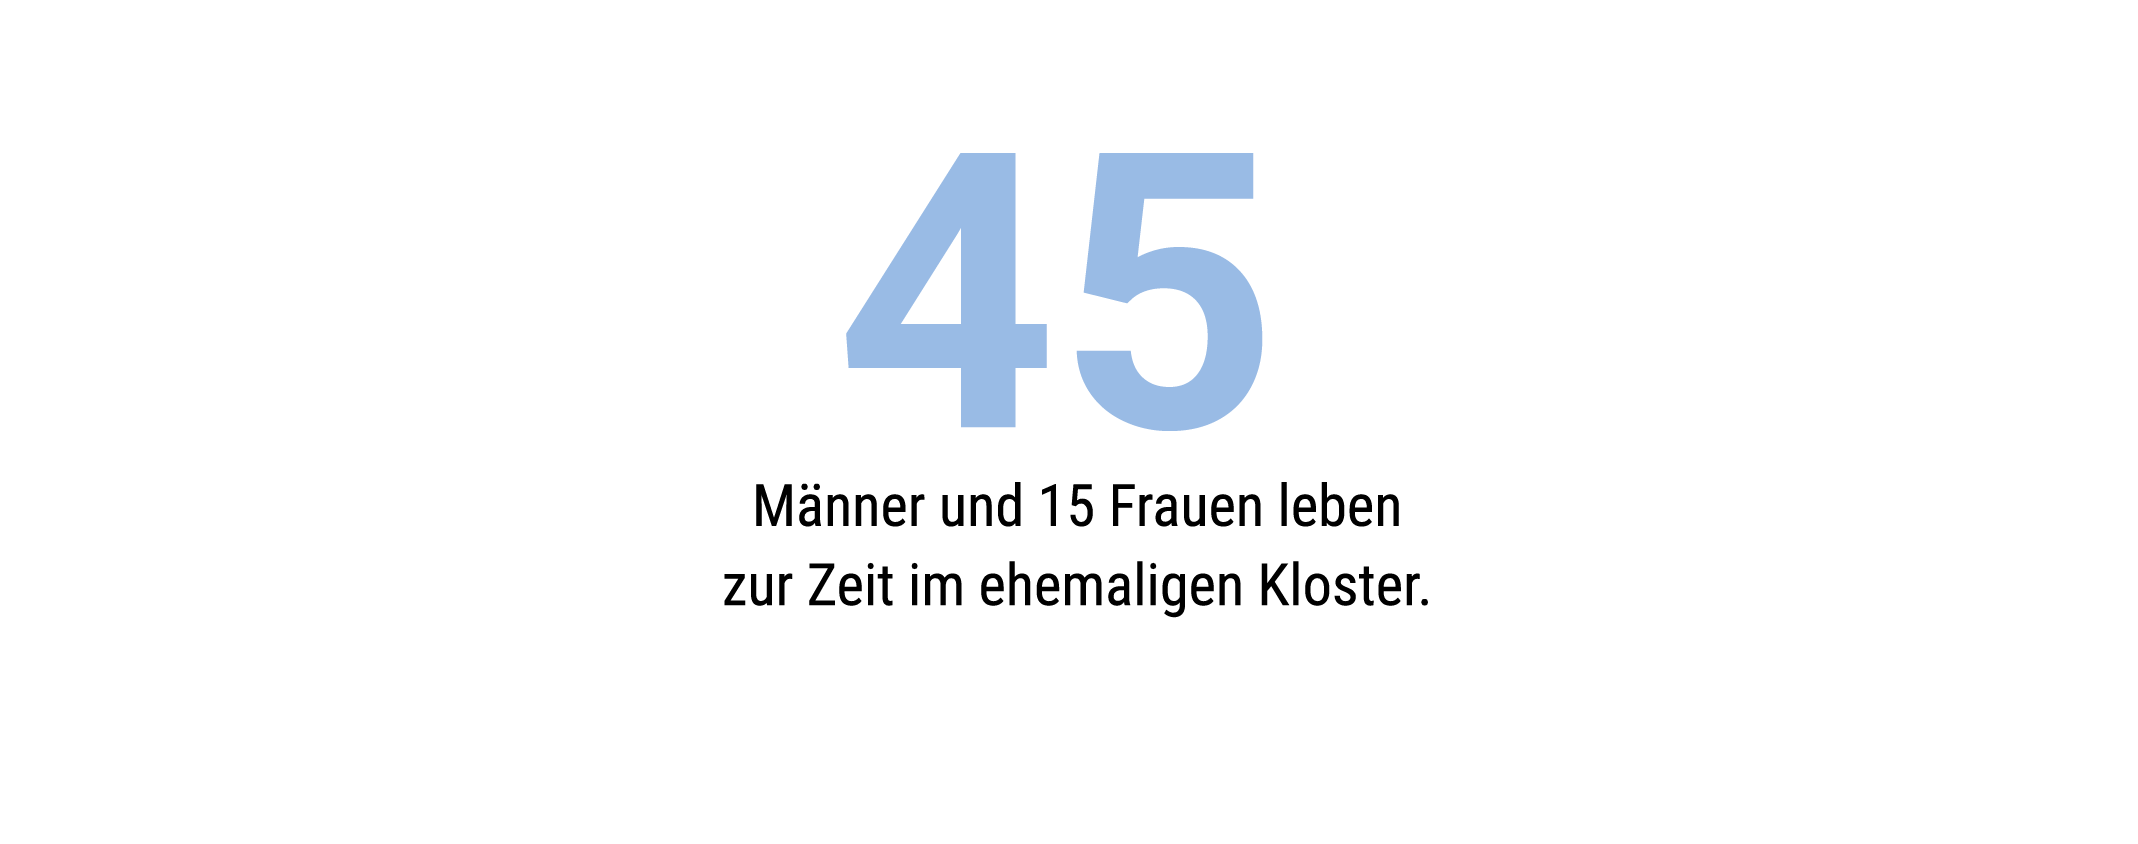 Timeline_Kloster_Eichgraben_Pfade-09